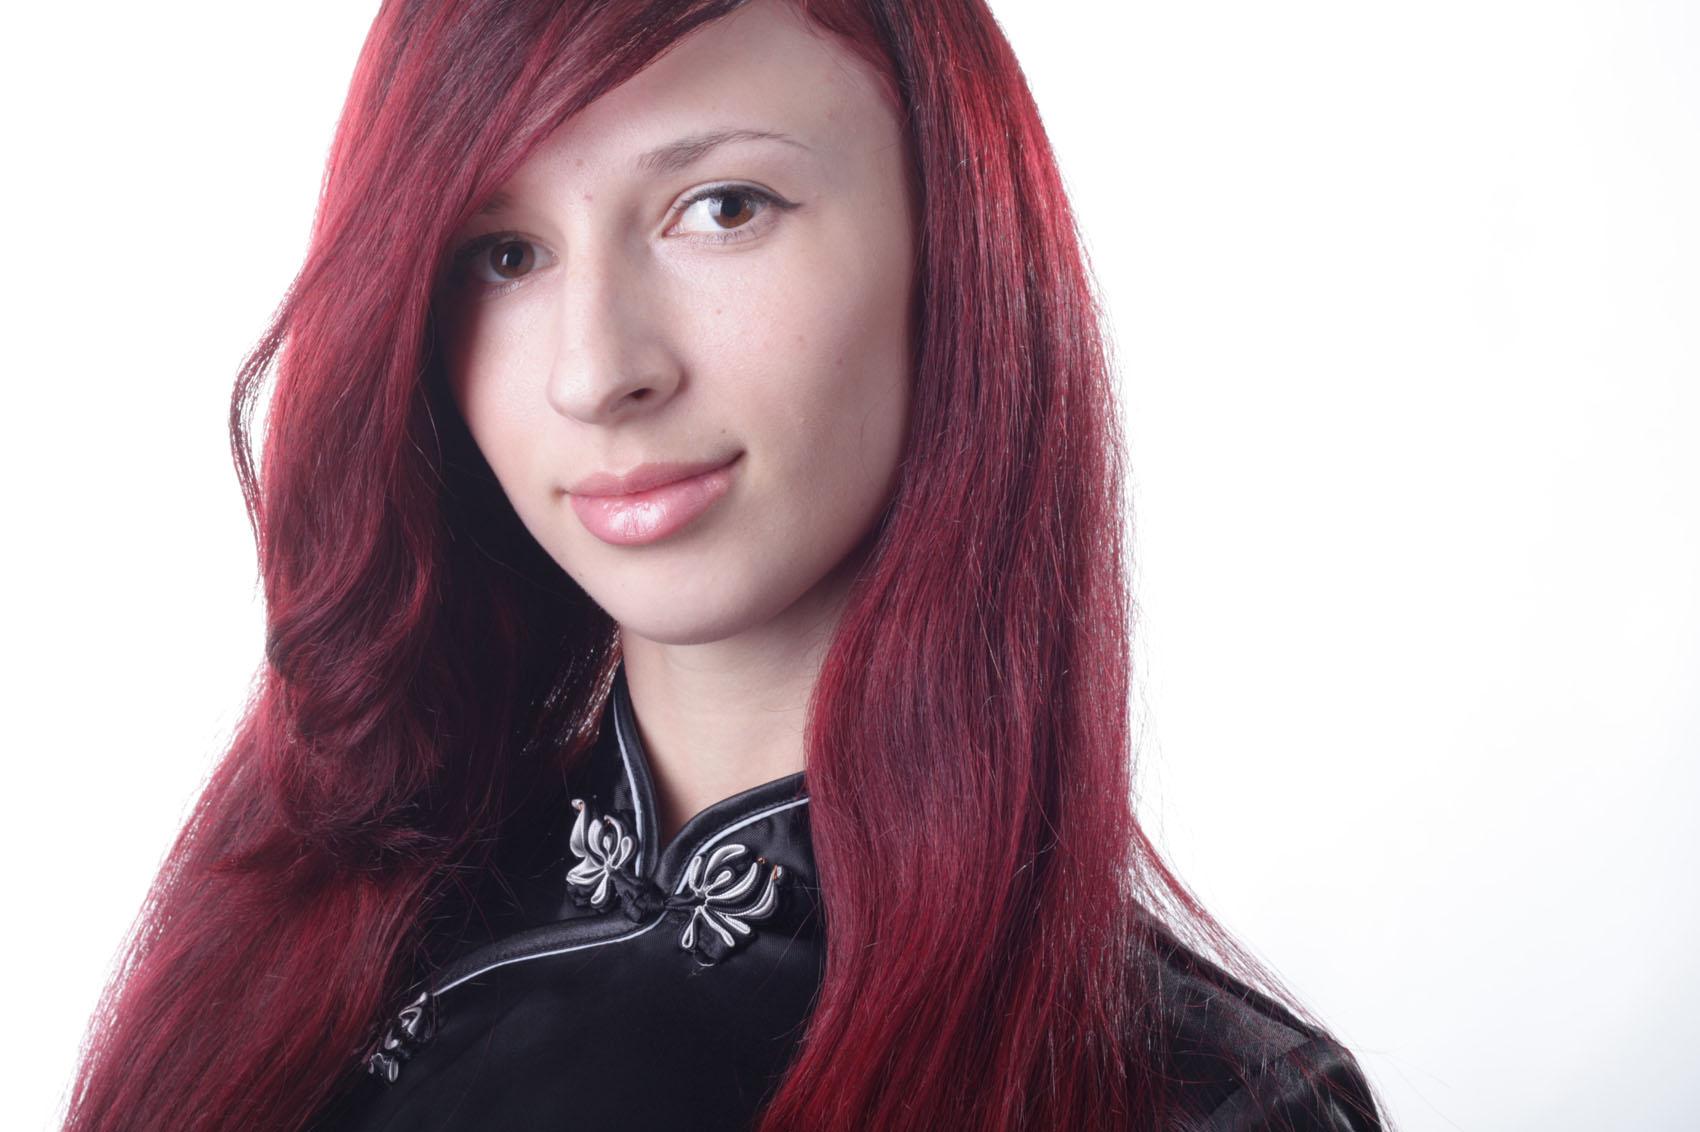 цвет бордо на волосах фото